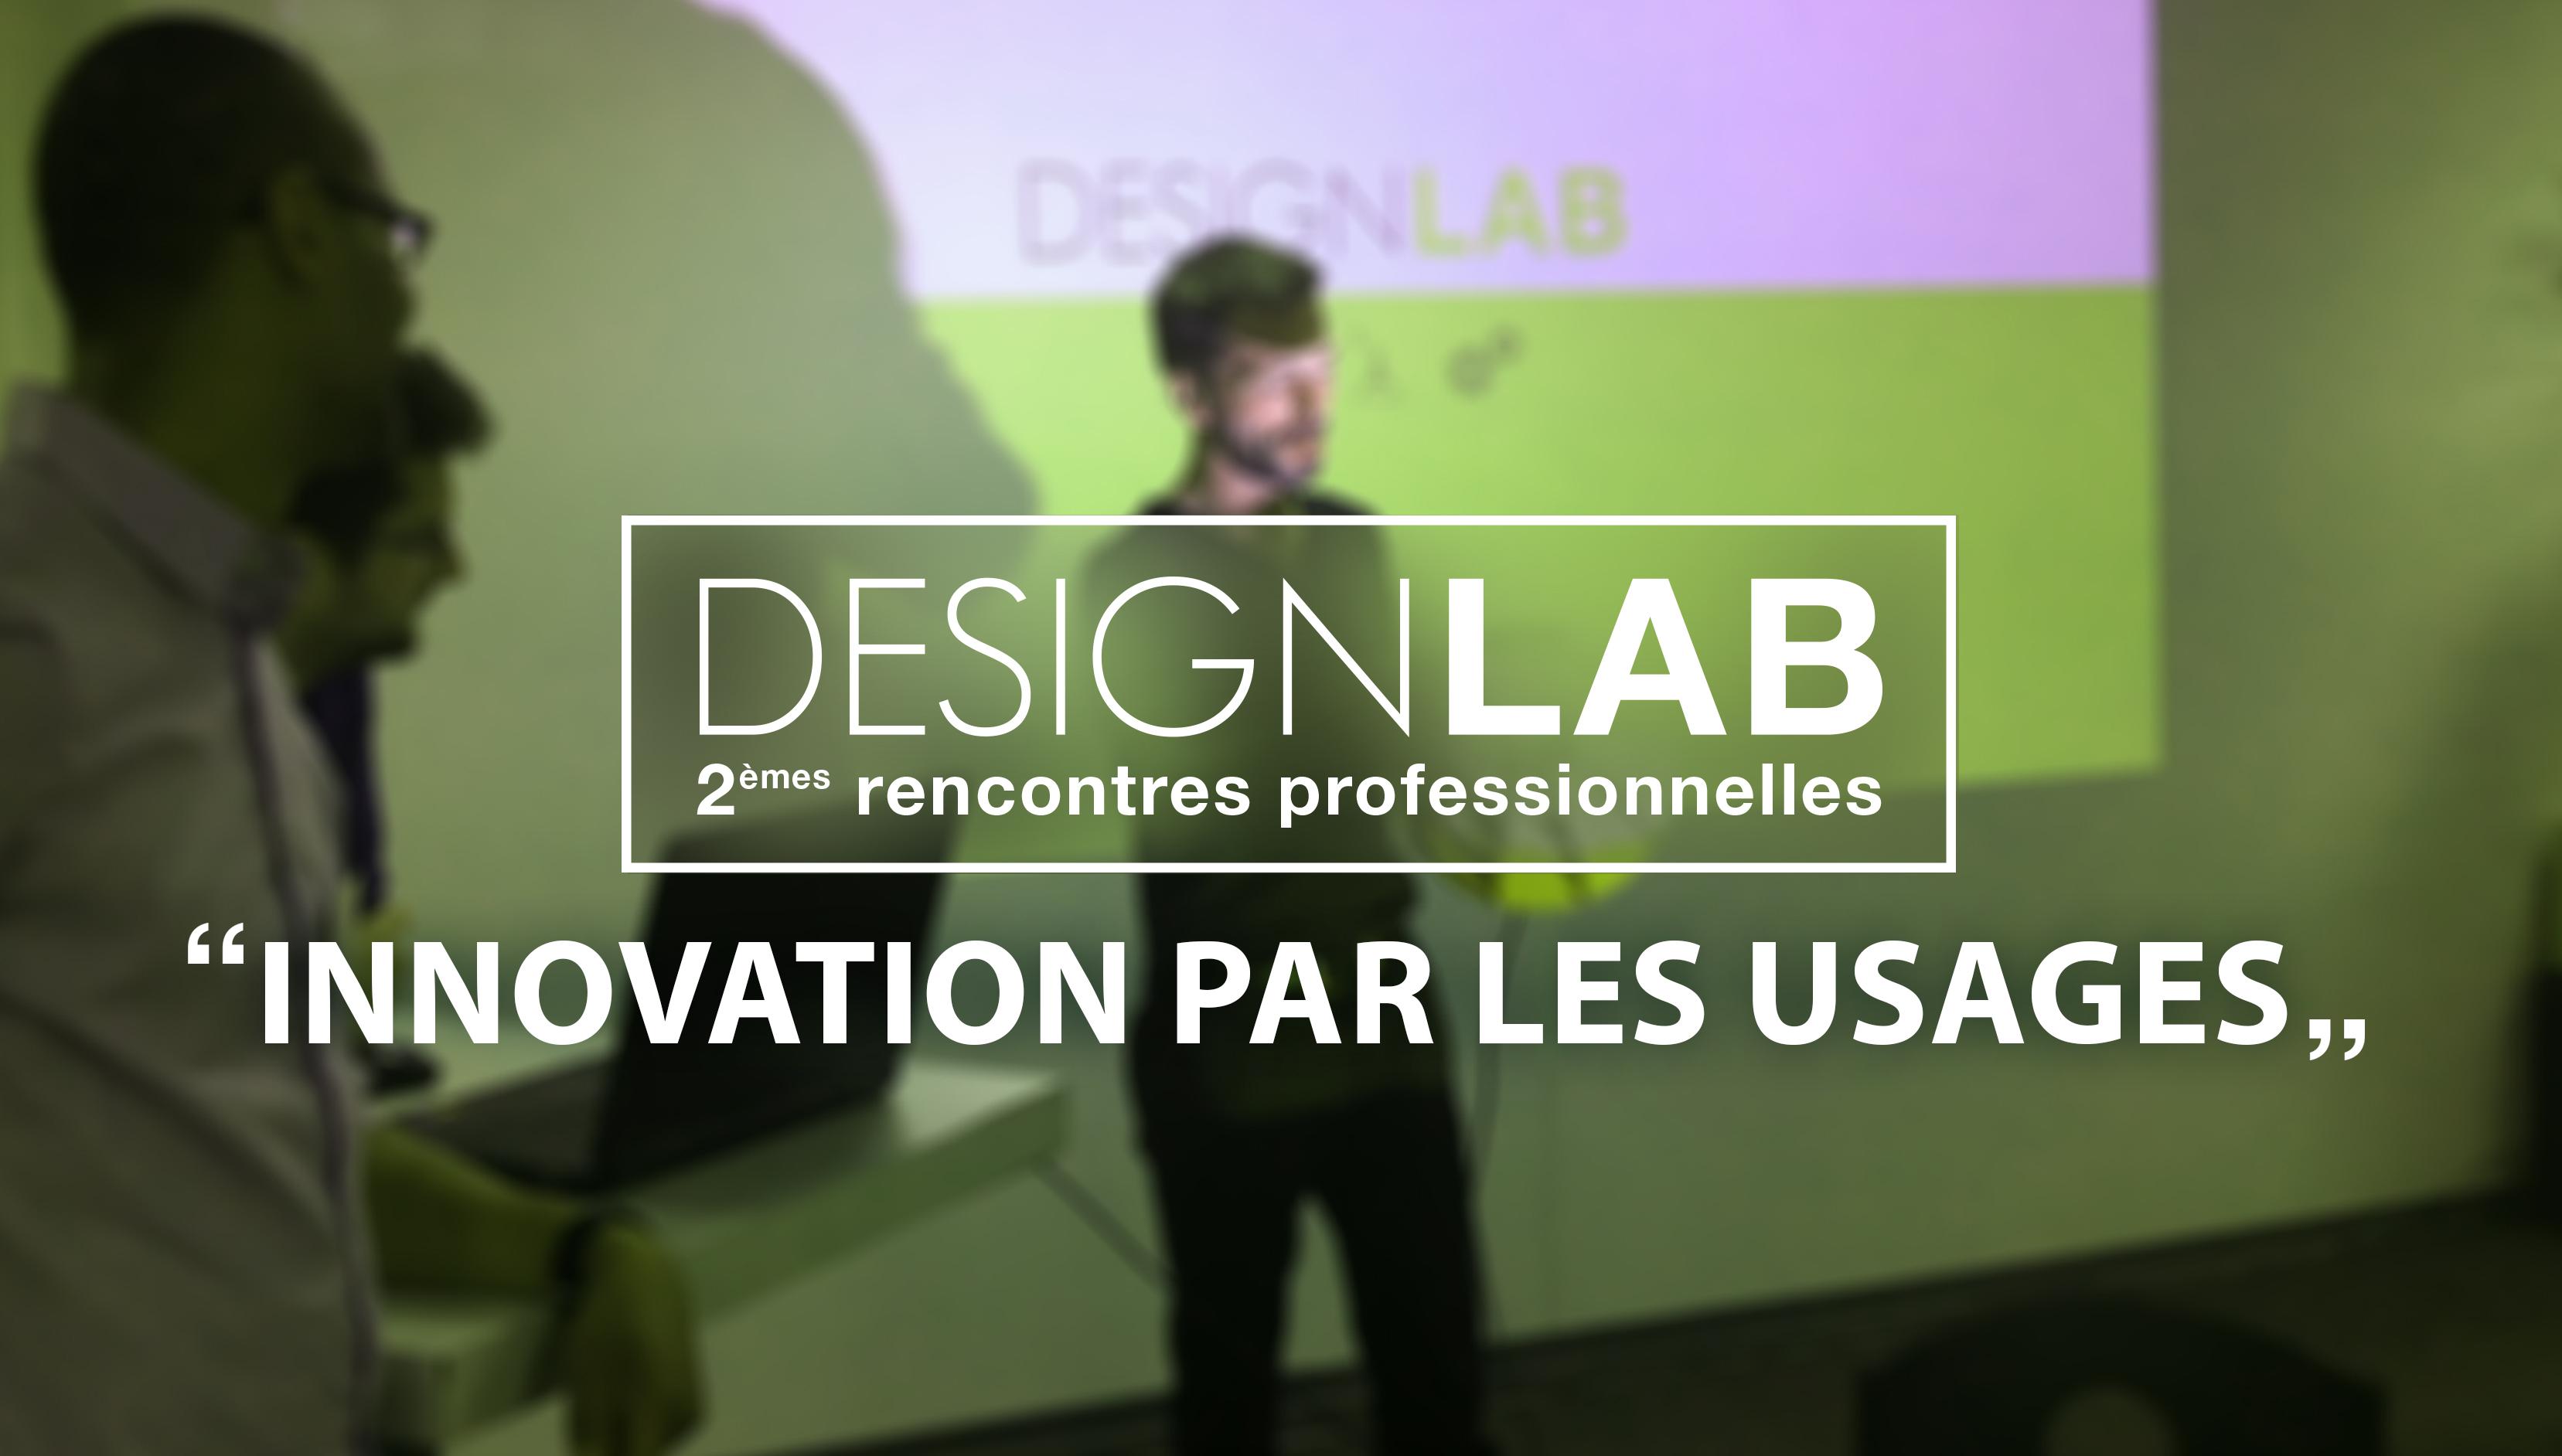 designlab 2 - innovation par les usages